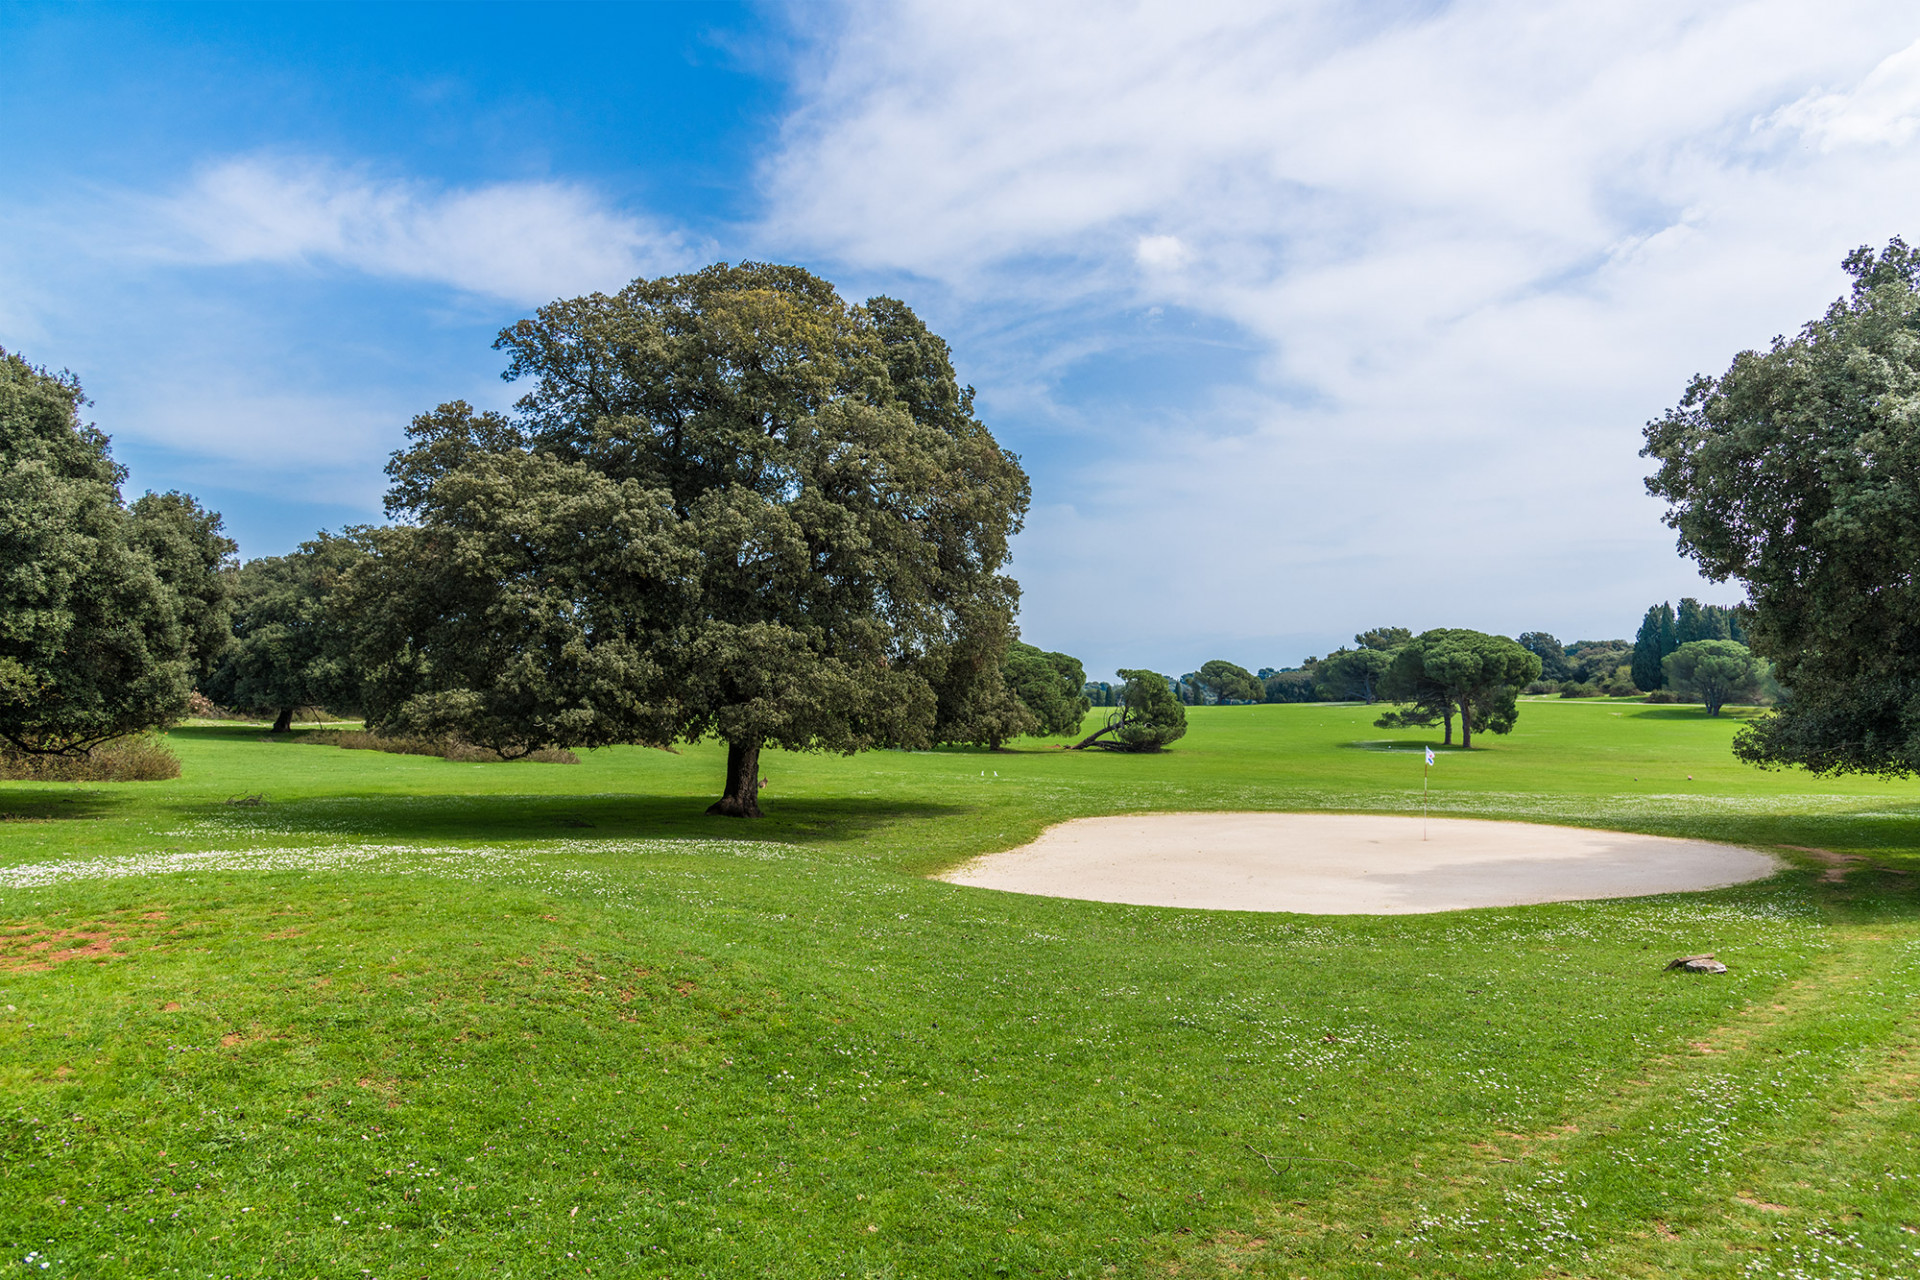 Postoji li stranica za upoznavanje golfa